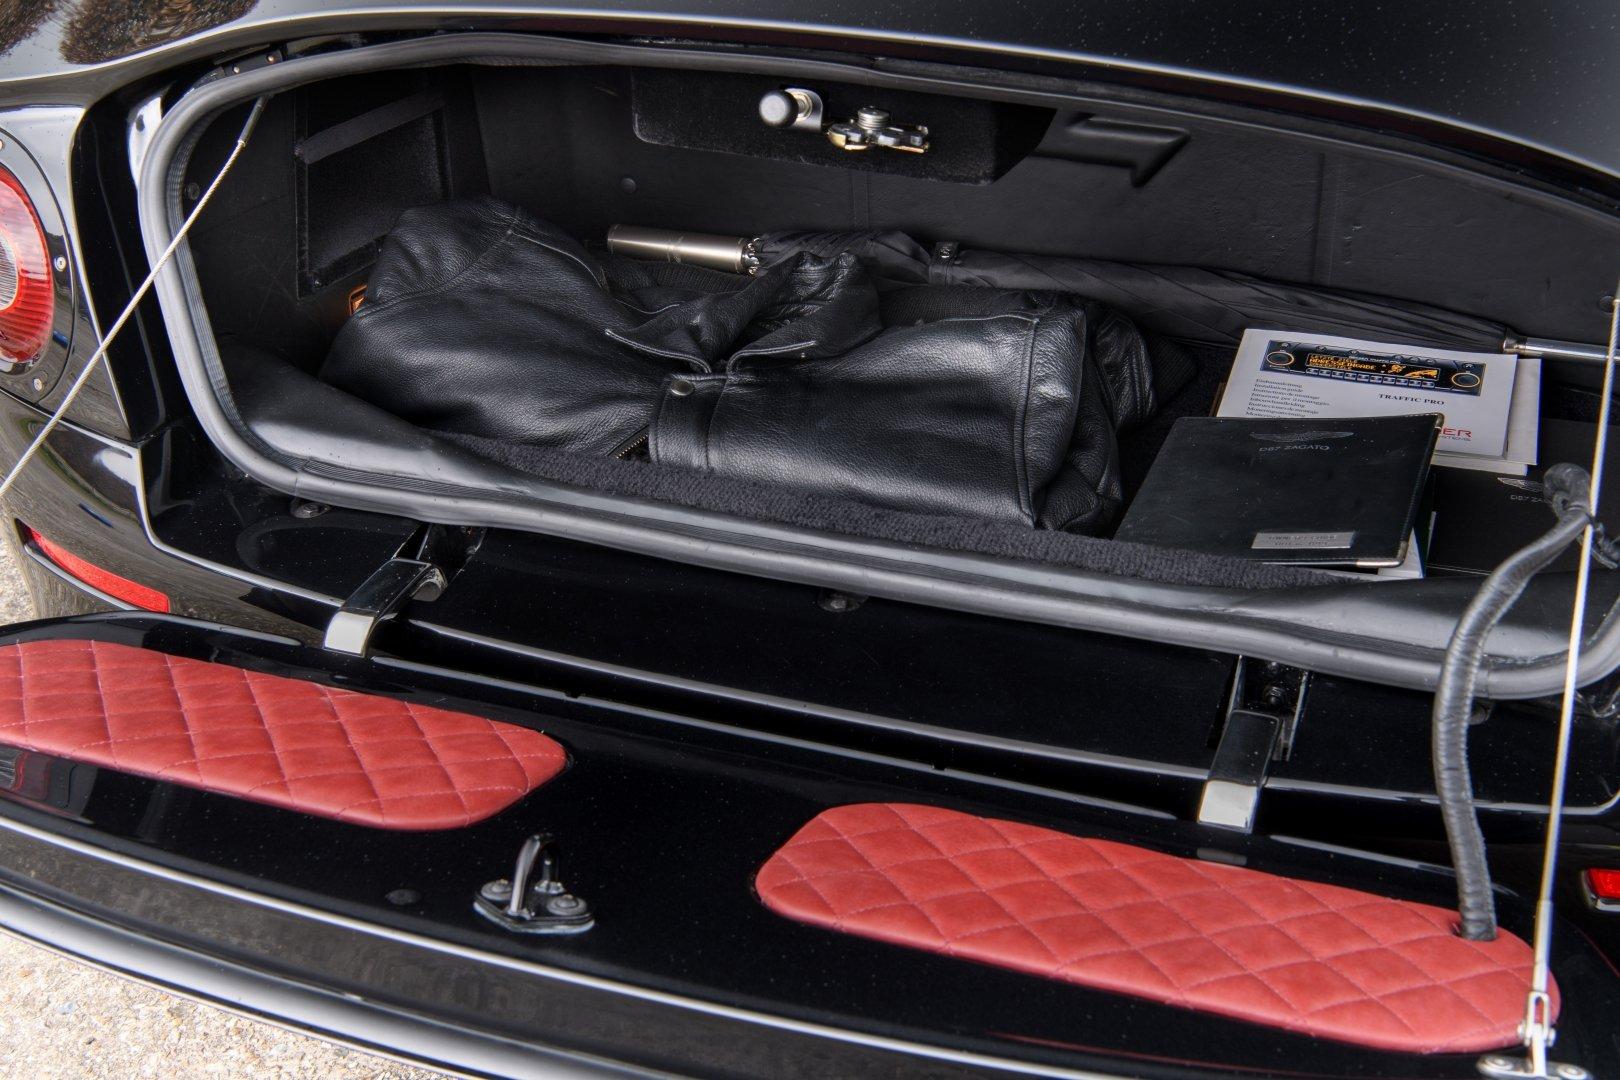 2003 Aston Martin DB7 Zagato - Chassis 001  For Sale (picture 6 of 6)